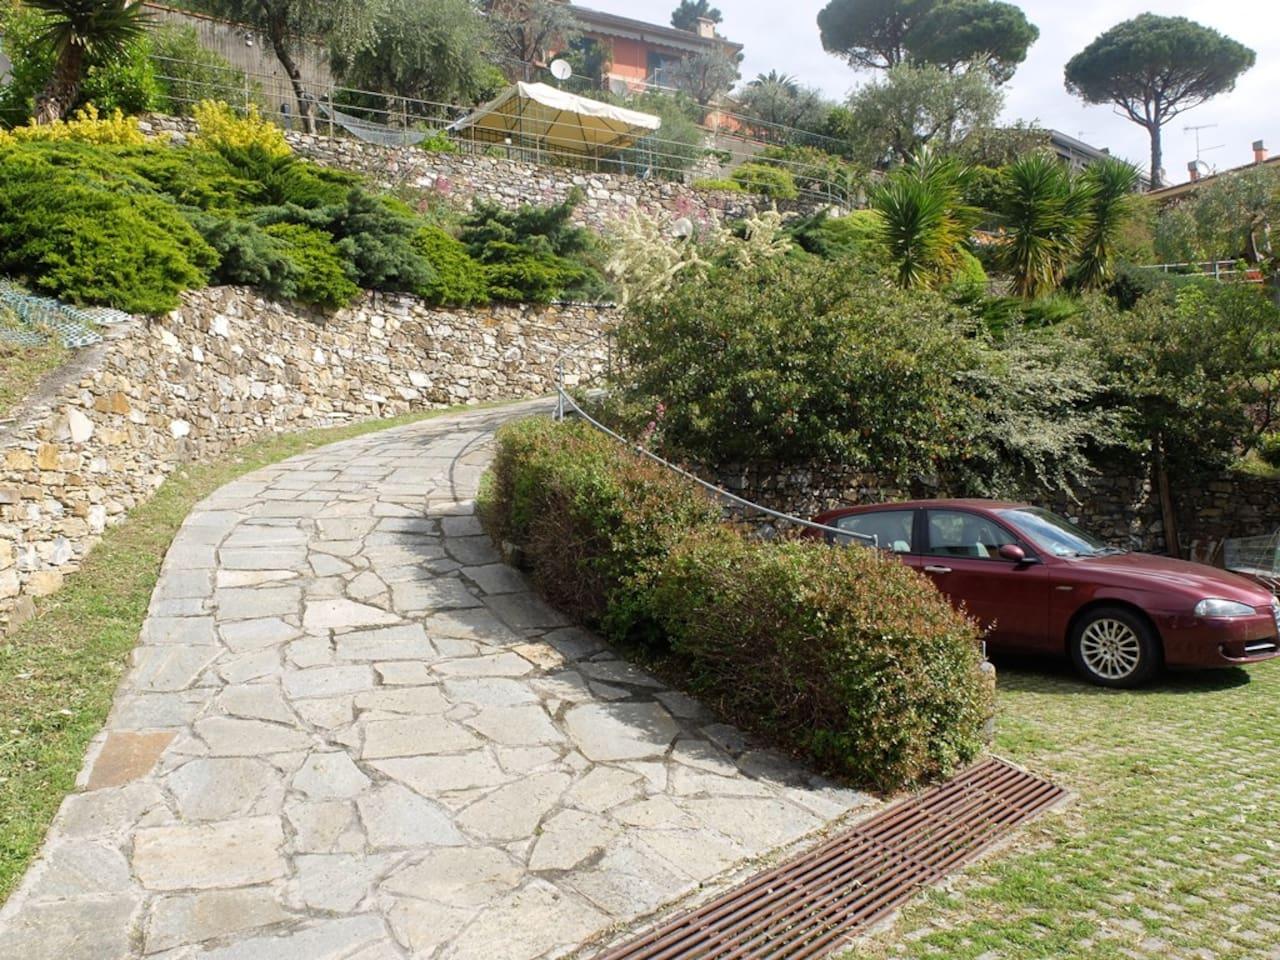 Il parcheggio interno alla proprietà e l'inizio del viale privato che porta alla casa